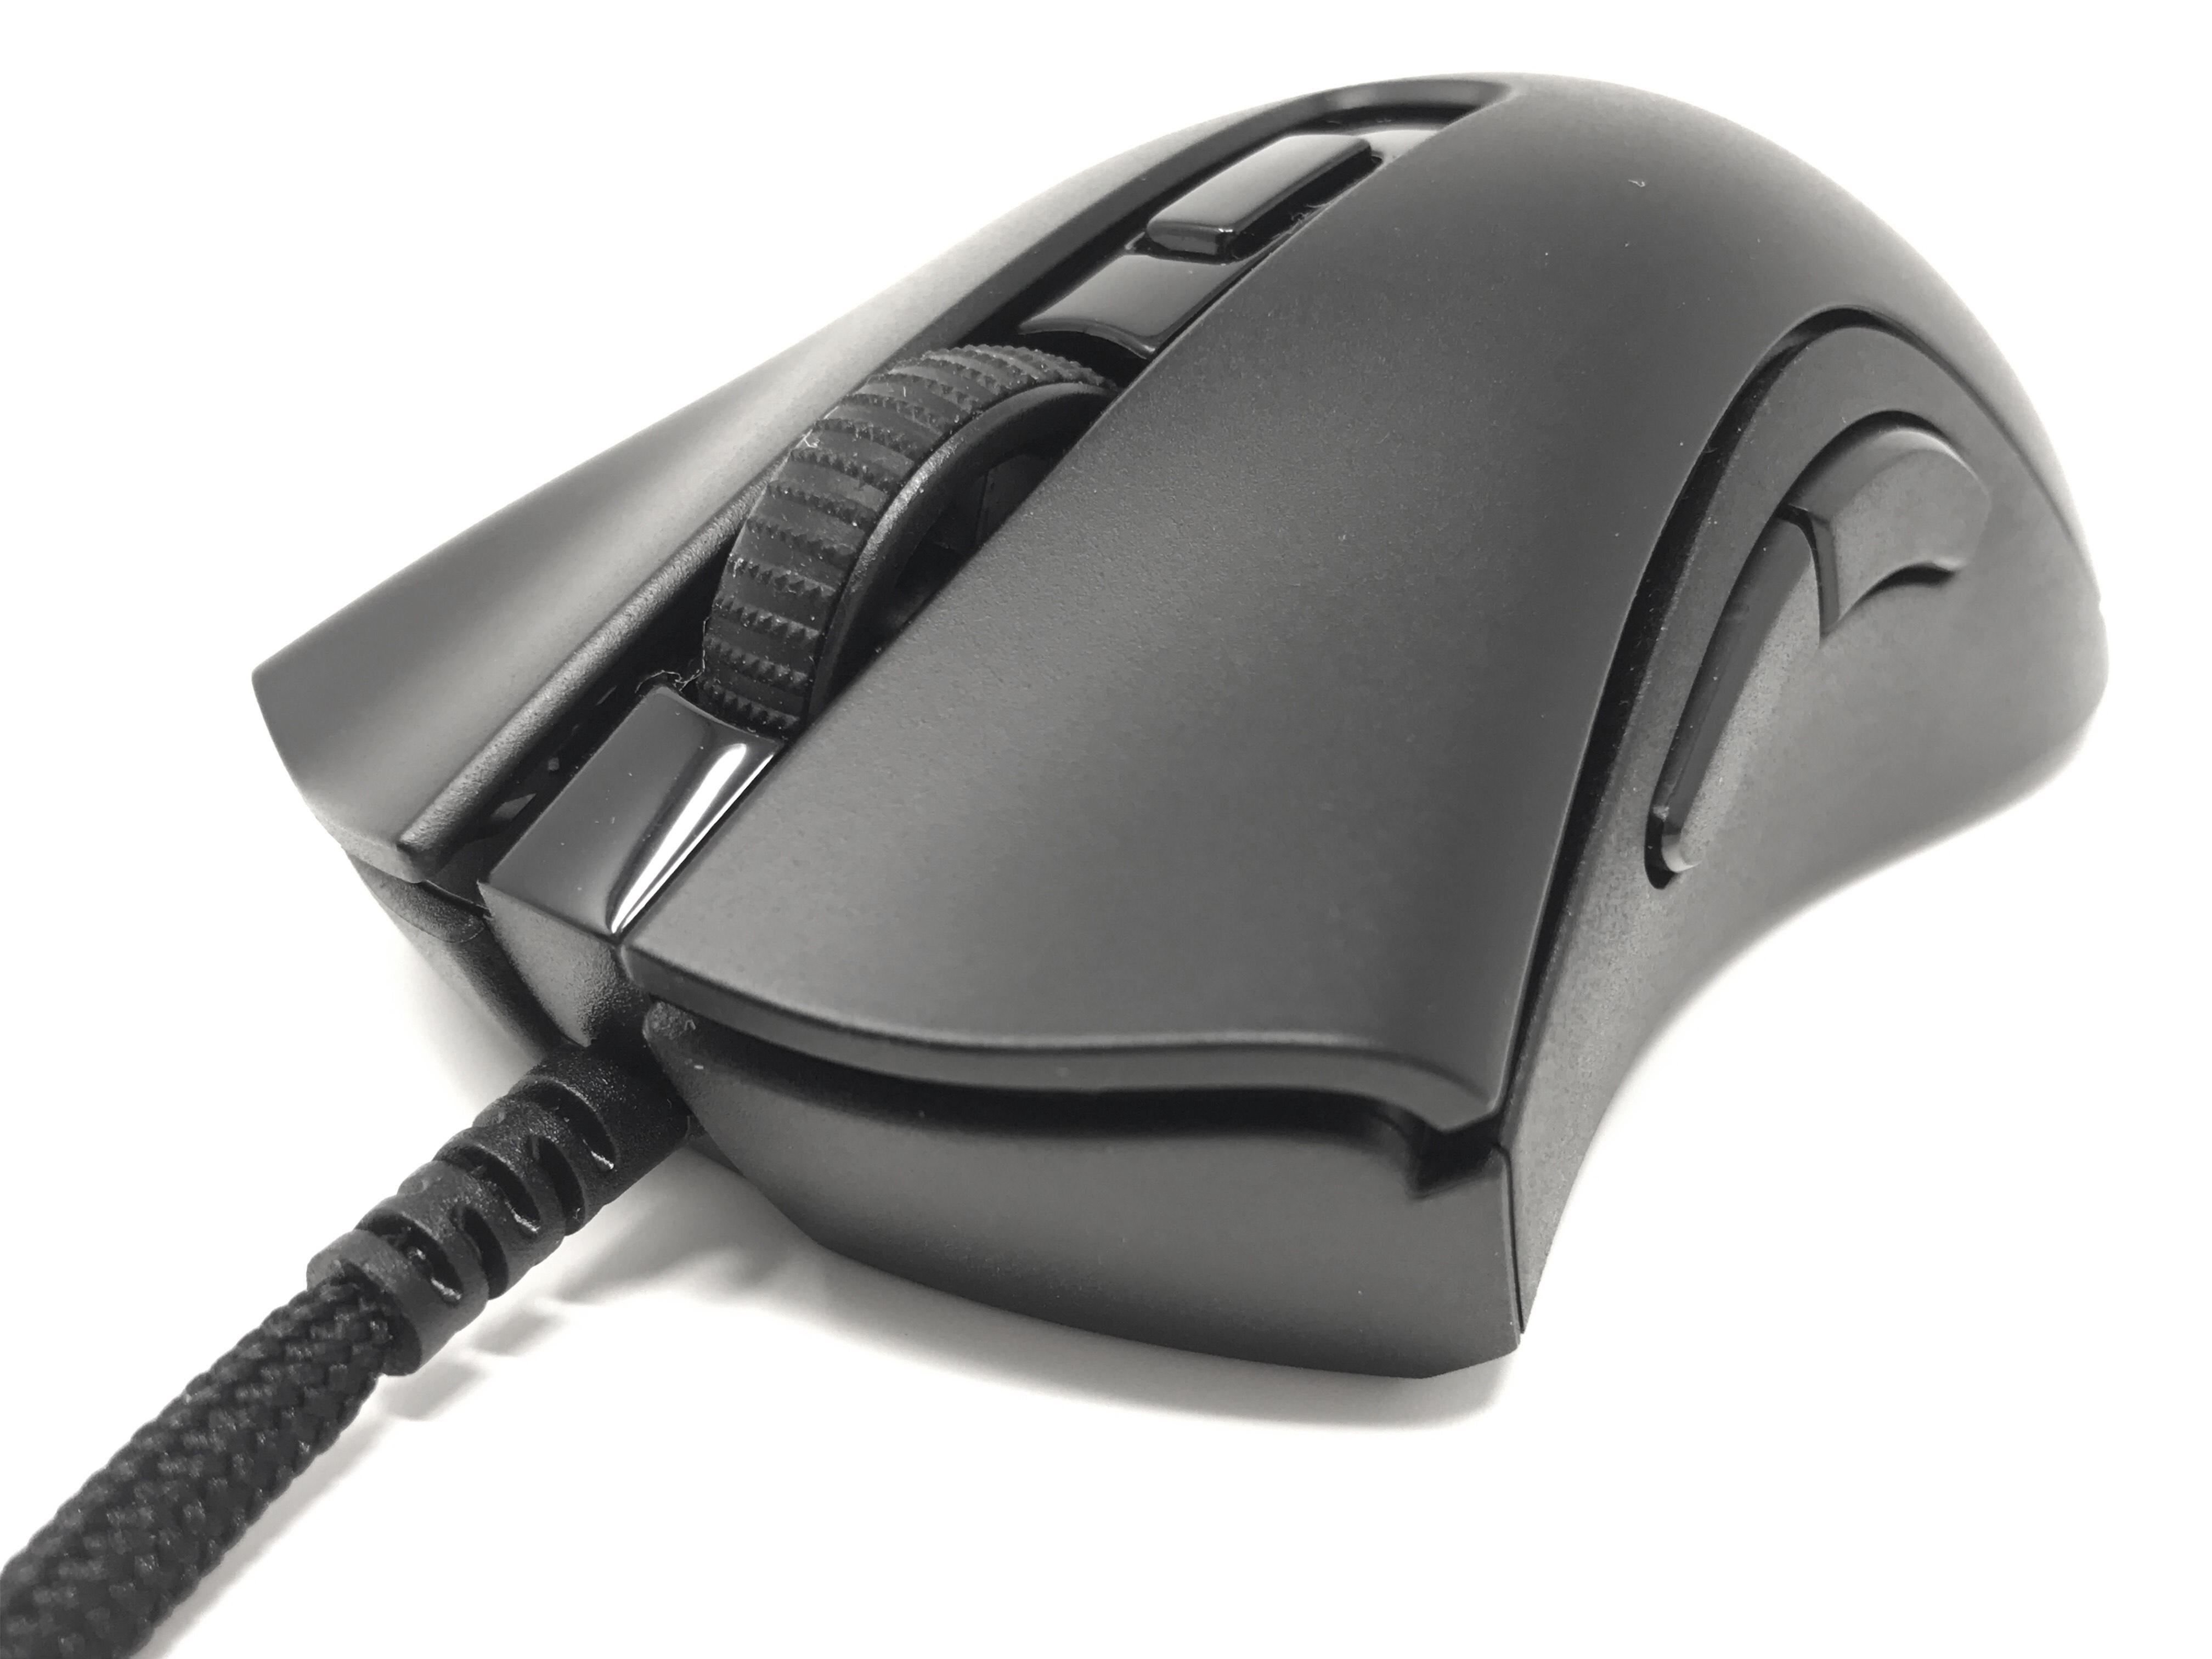 Razer-Deathadder-v2-mini -5-